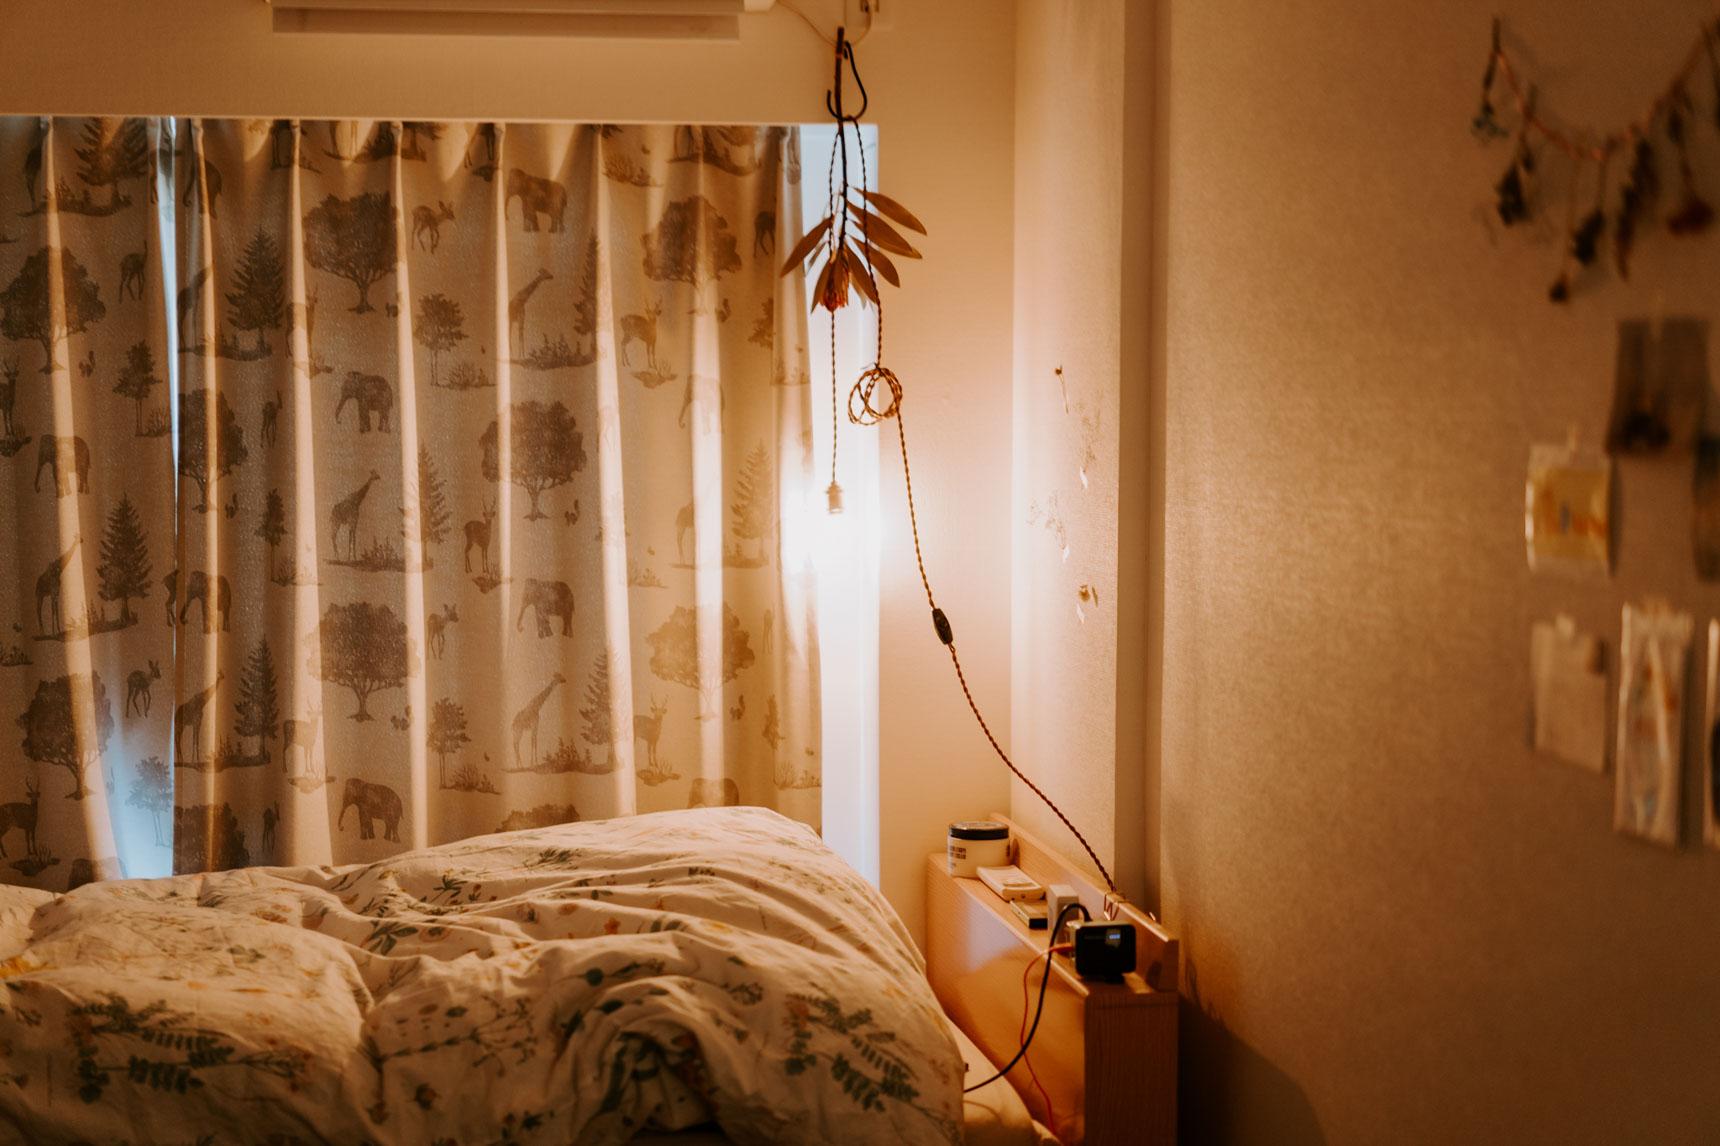 枕元に置けば、リラックスしてそのまま眠りにつくことができそう。アロマオイルなど、香りと合わせて愉しむのもいいですね。(このお部屋をもっと見る)